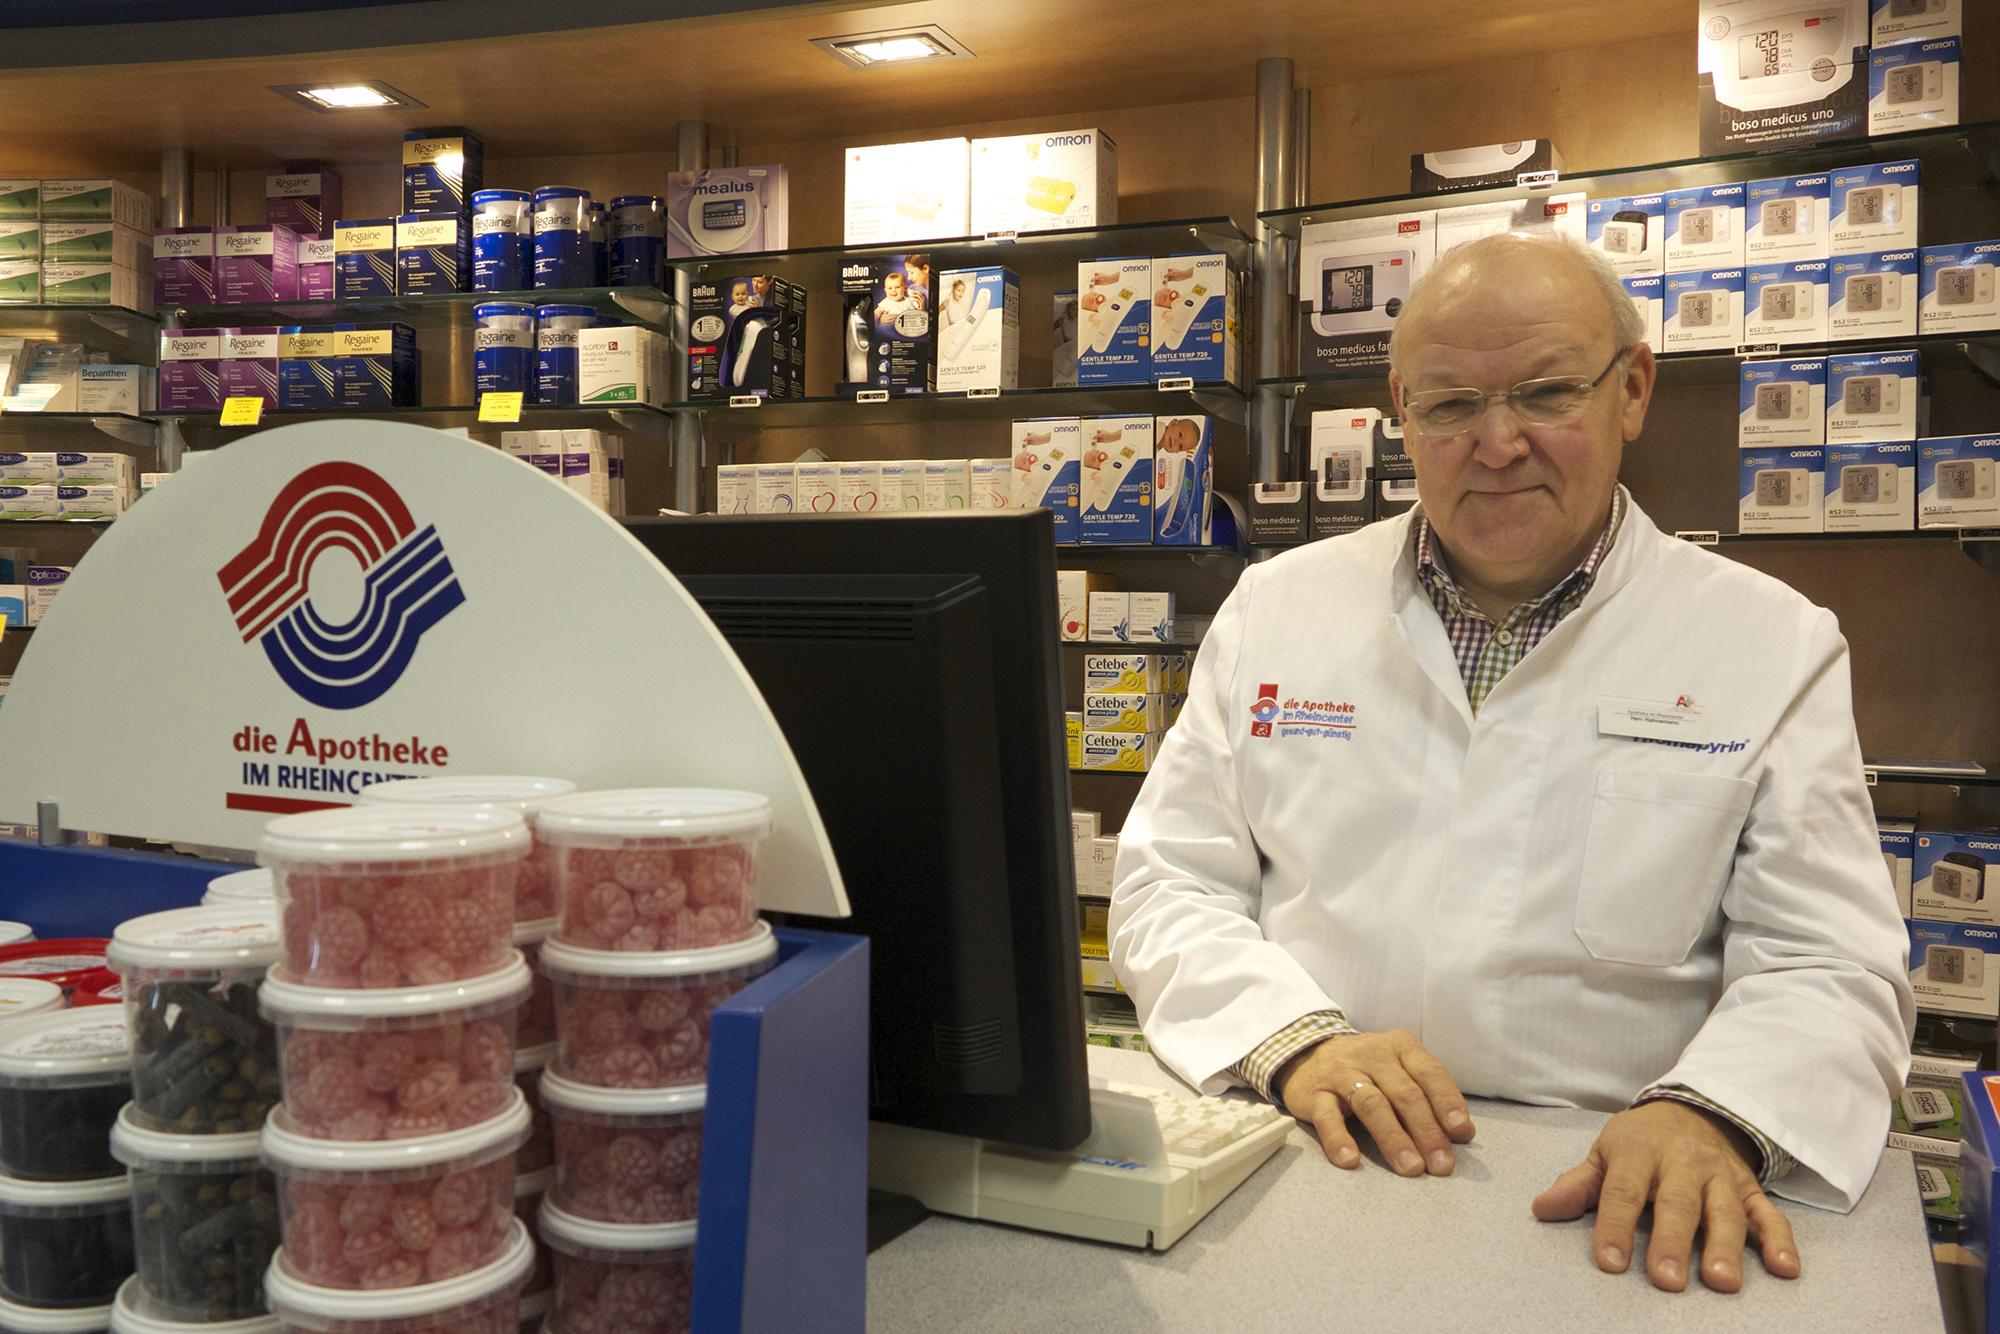 Apotheken-Chef Detlef Hahnemann gibt sich vorsichtig optimistisch und erwartet keinen sofortigen Ansturm.